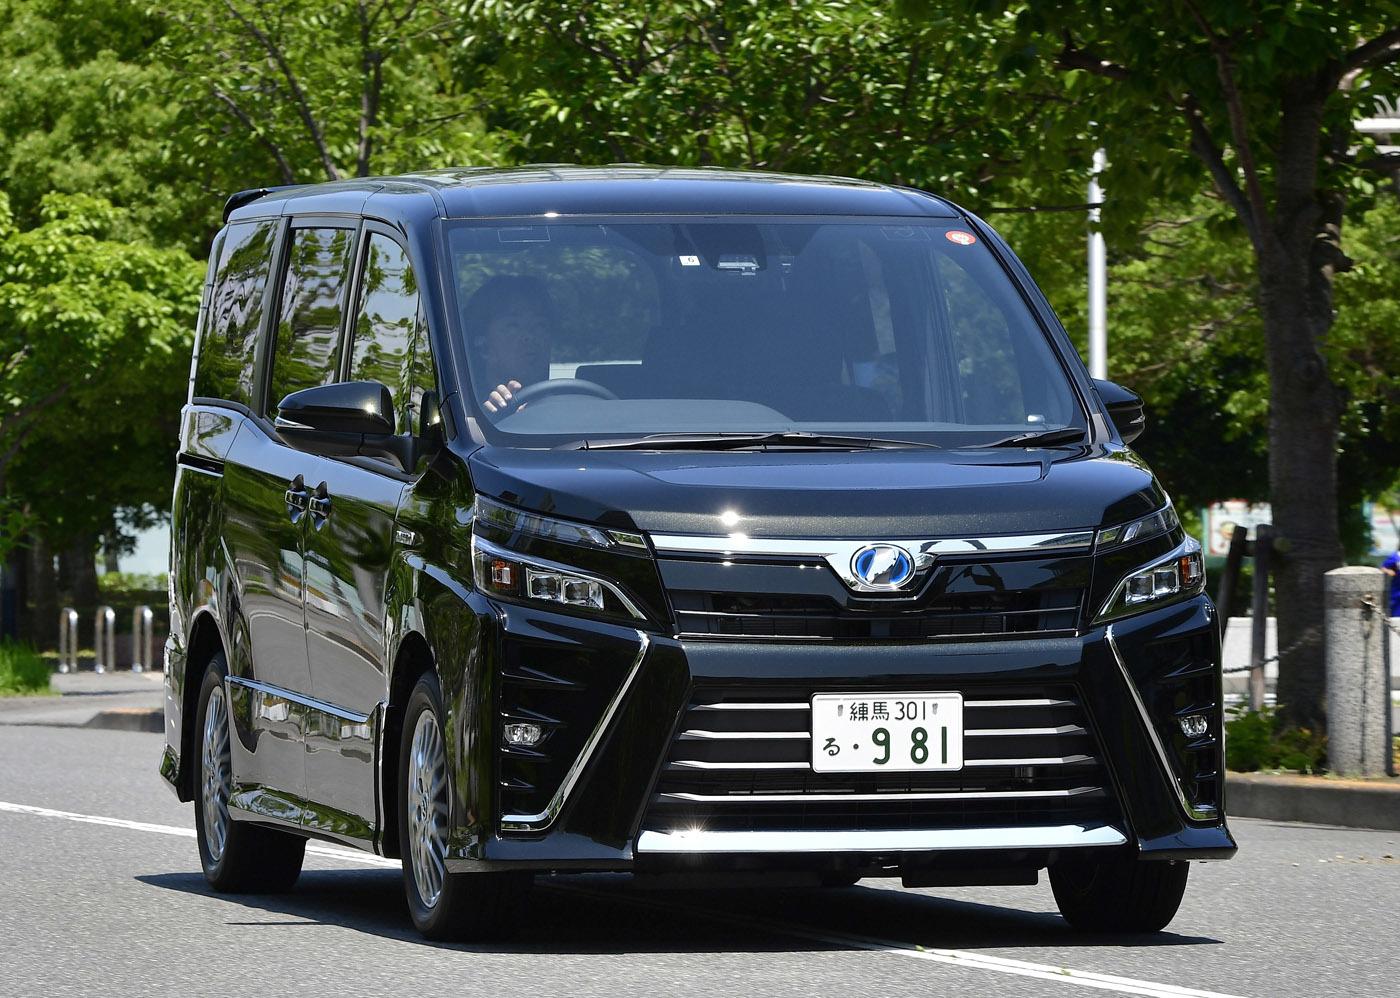 トヨタヴィッツ、ヴォクシー、ホンダN-VAN、マツダCX-3新型車情報続々入荷